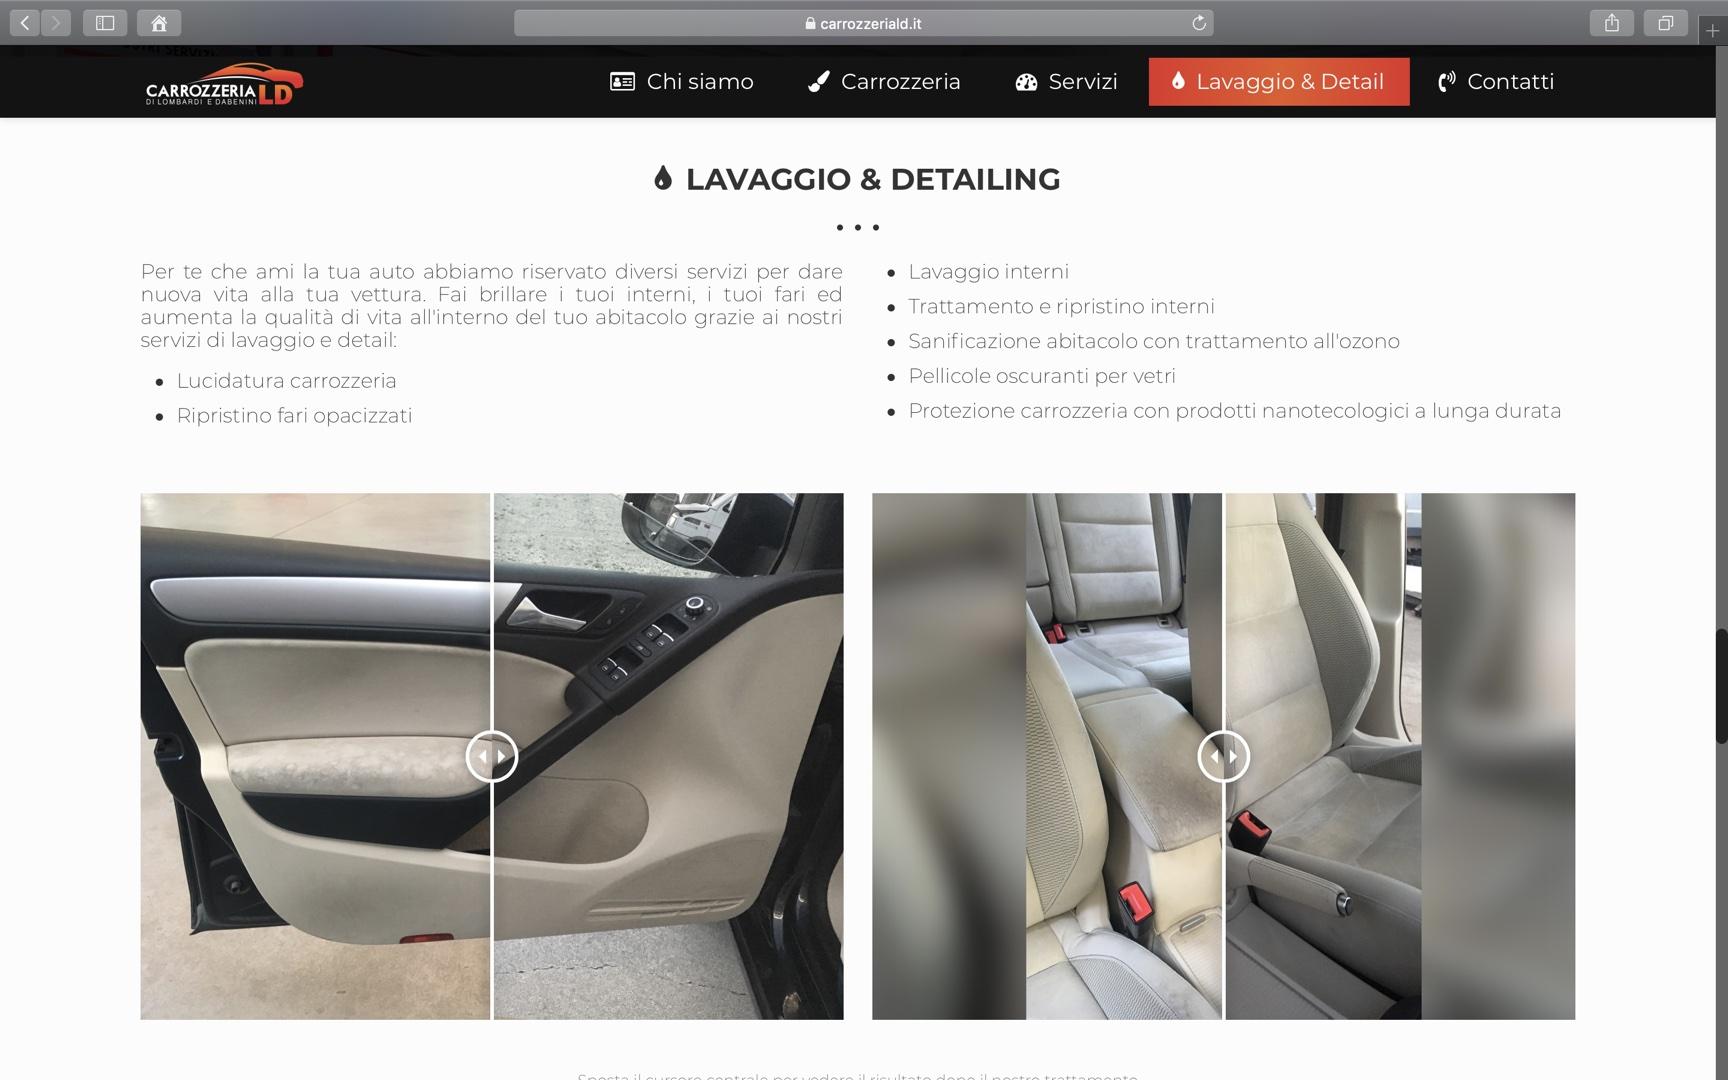 realizzazione-siti-web-ghedi-brescia-carrozzeria-ld-qappuccino_6